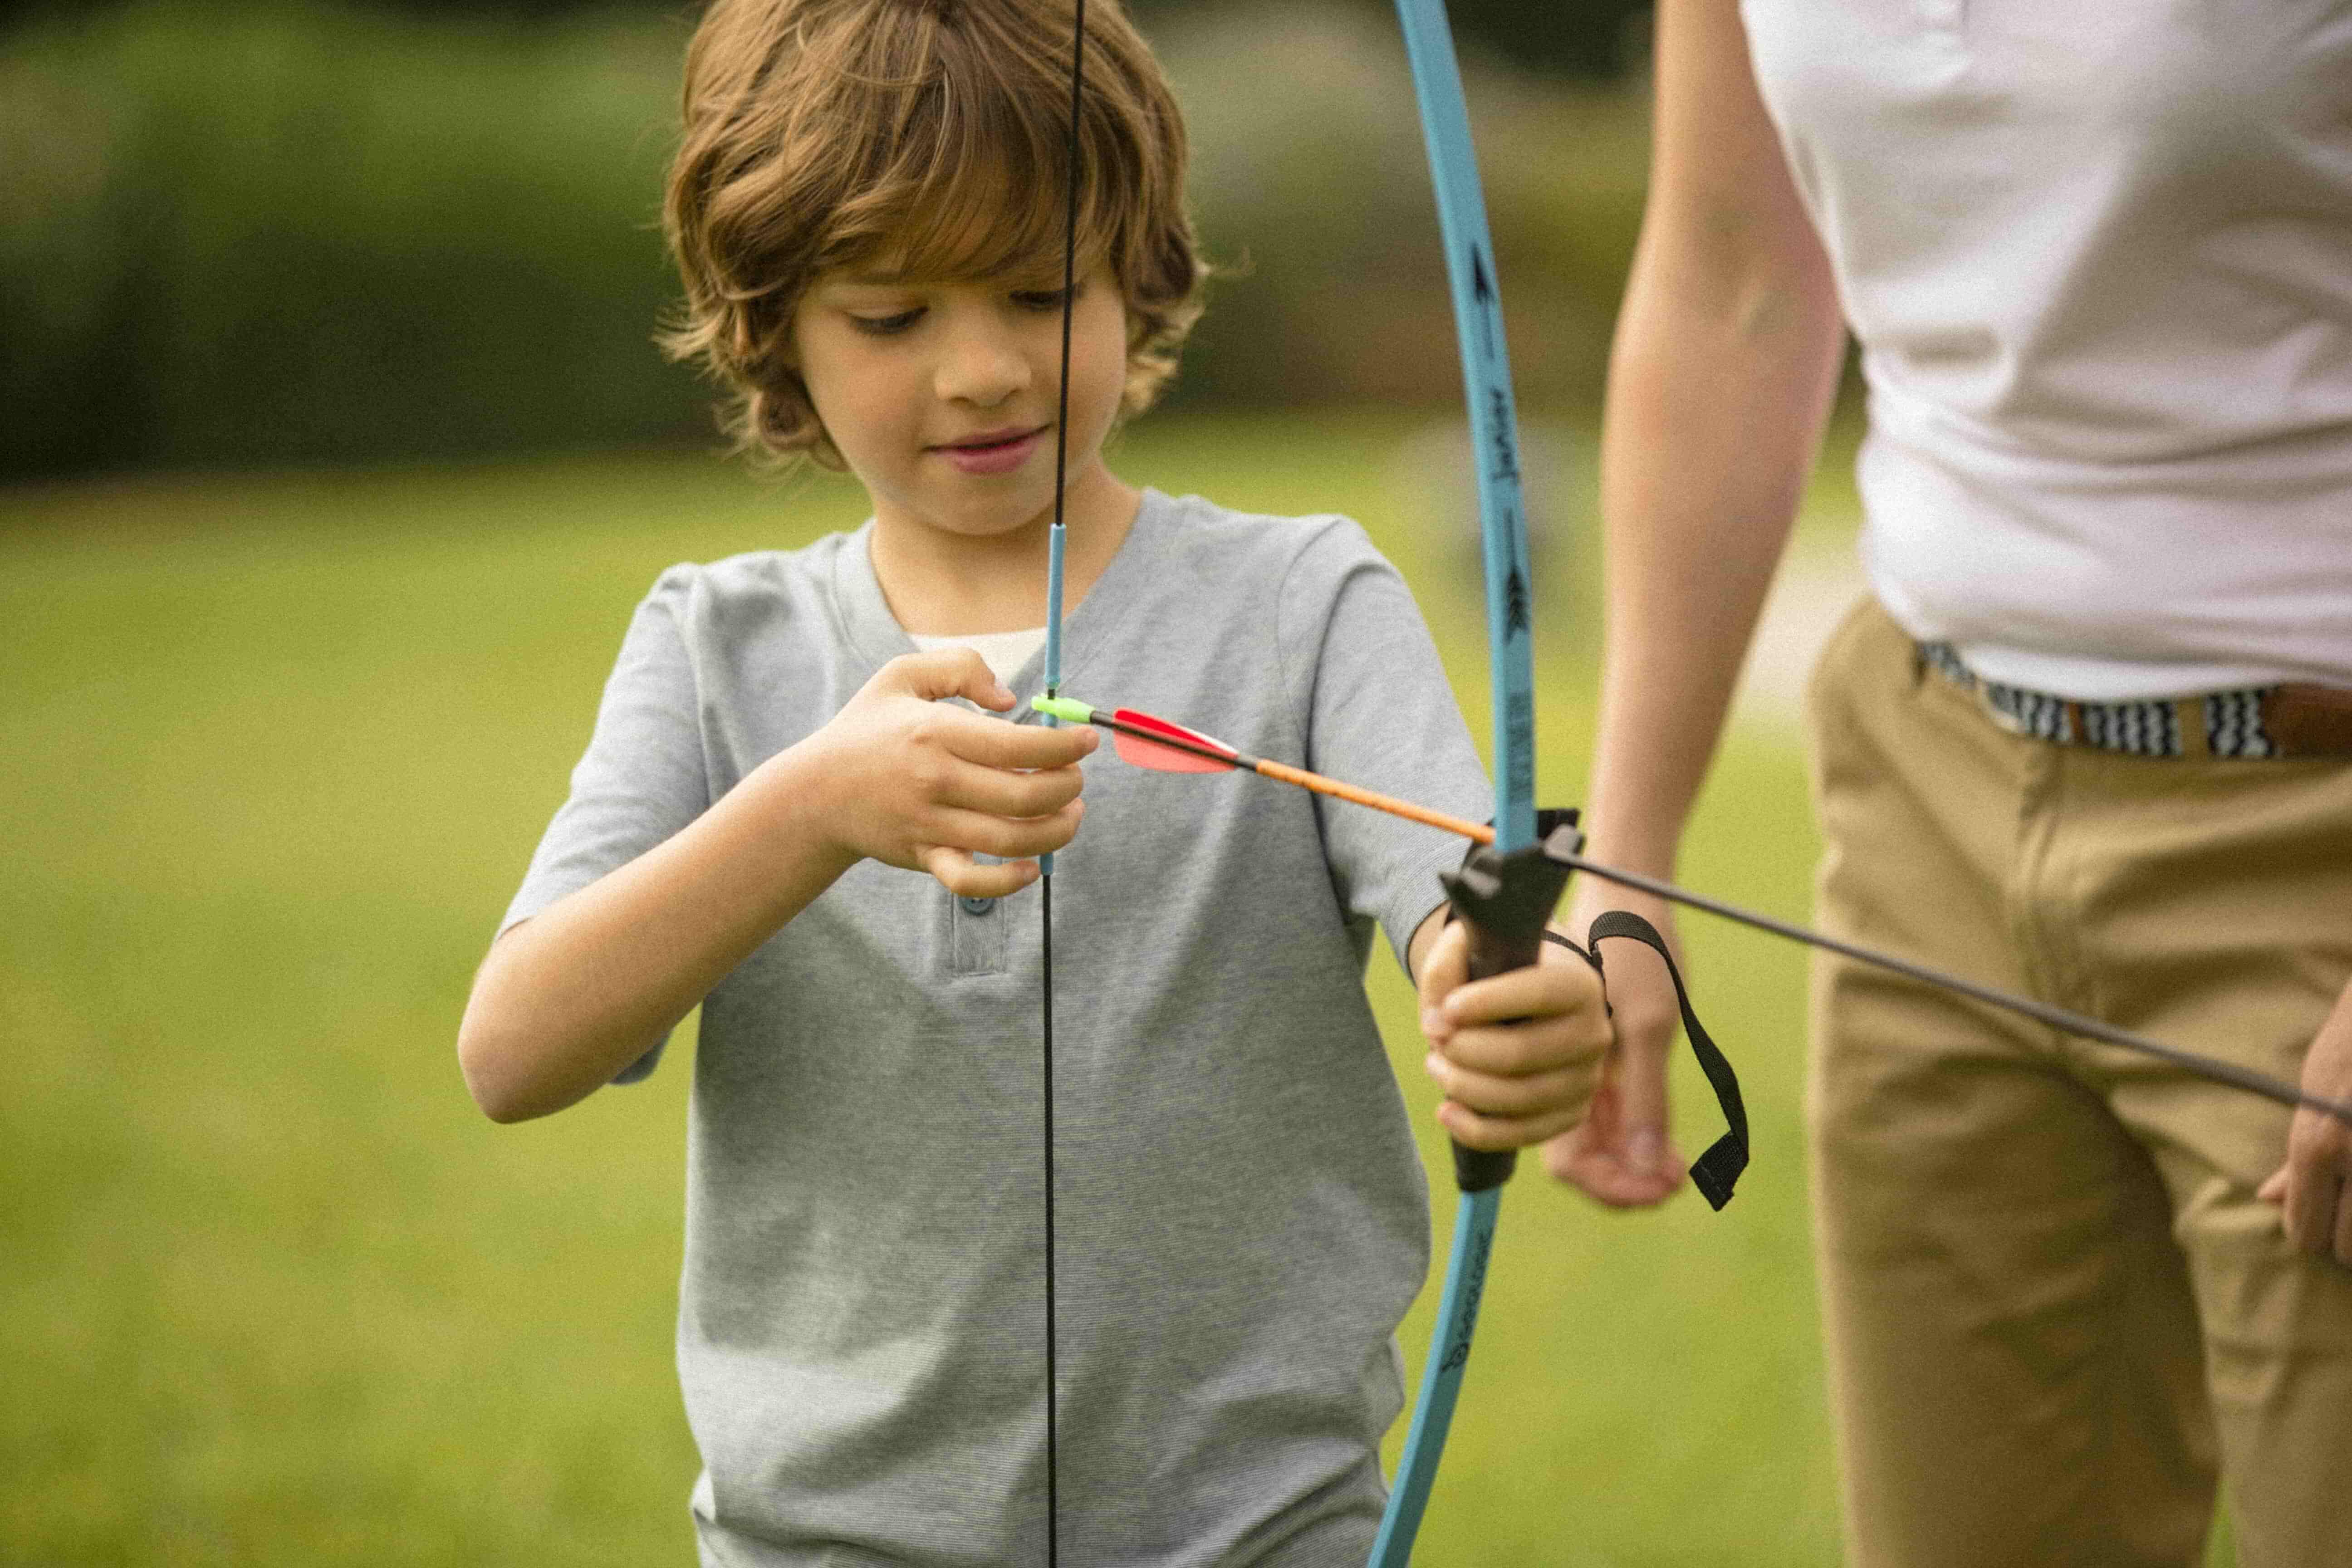 Archery: An Ideal Sport for Children